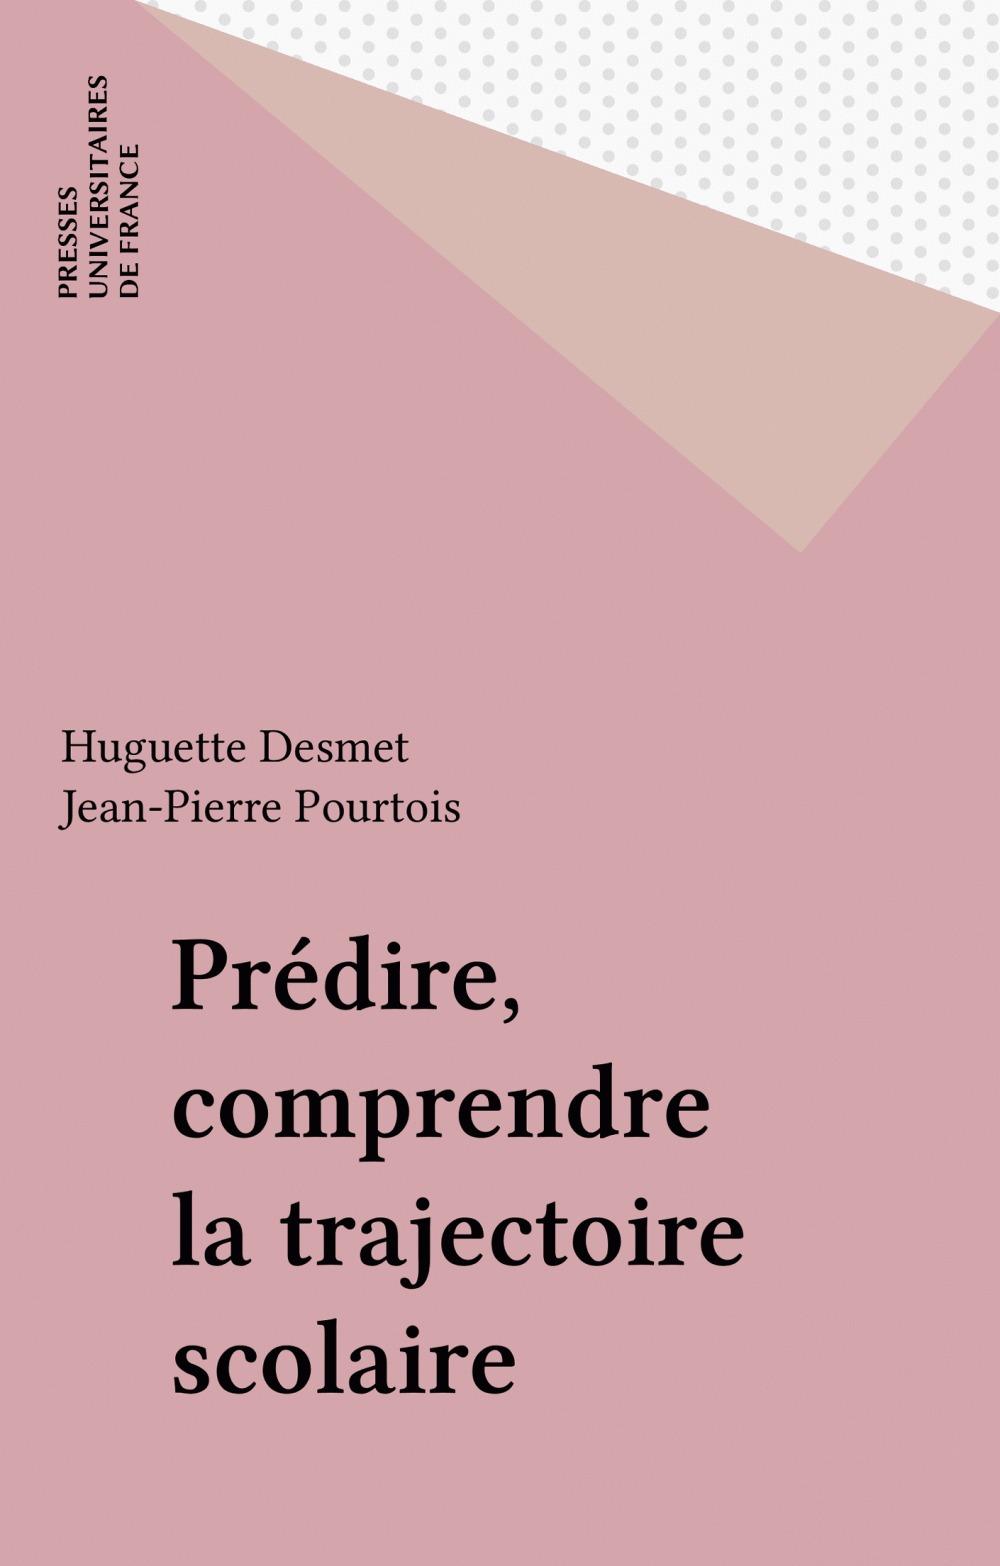 Huguette Desmet Prédire, comprendre la trajectoire scolaire